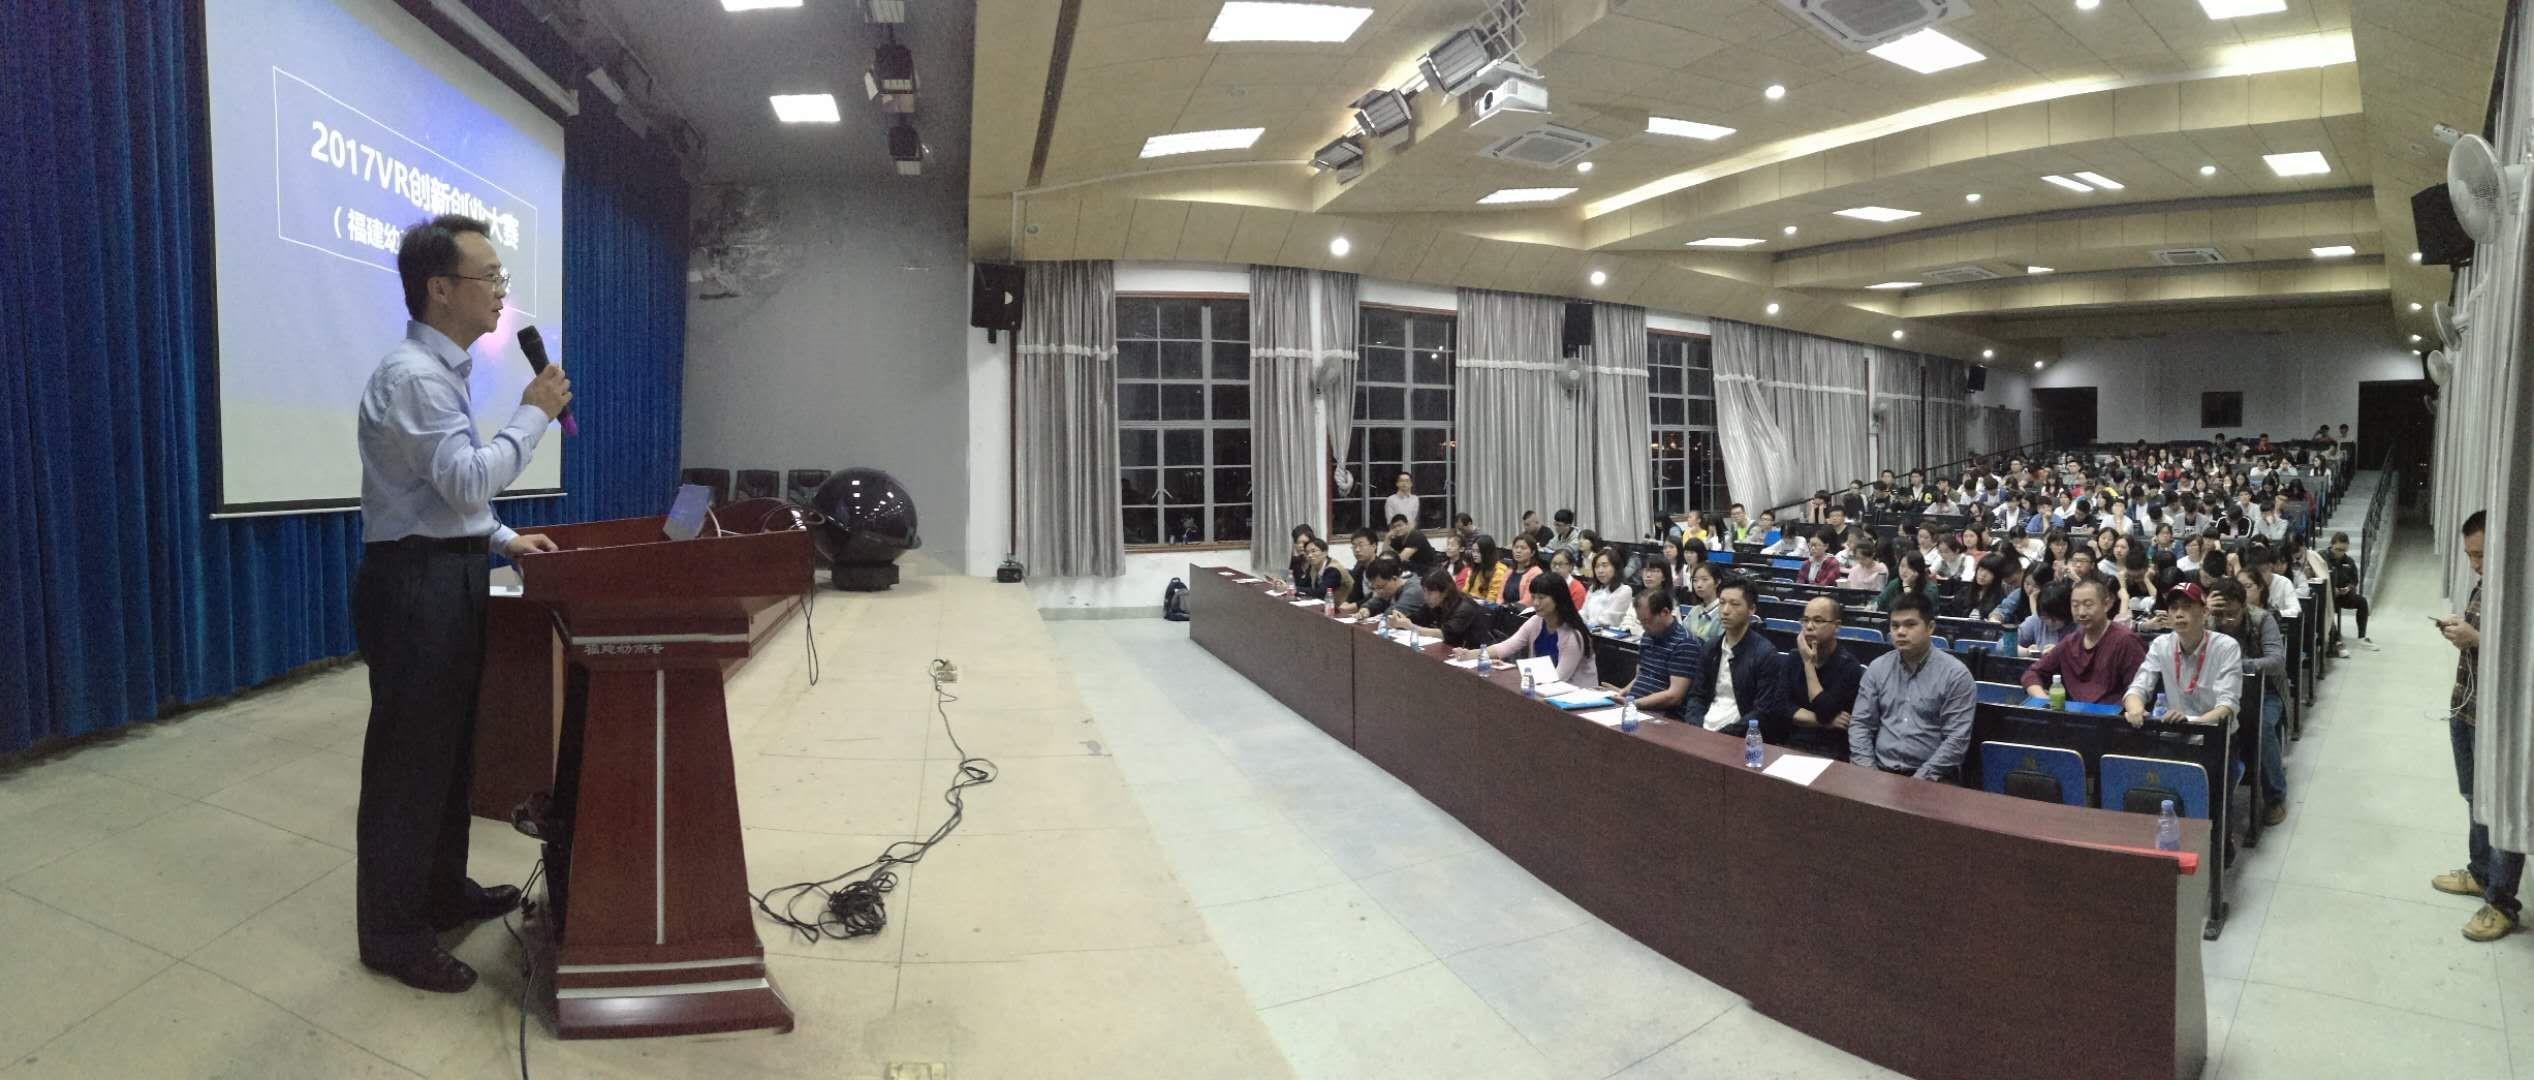 分赛场启动会现场福建幼儿师范高等专科学校党委副书记李嘉致辞